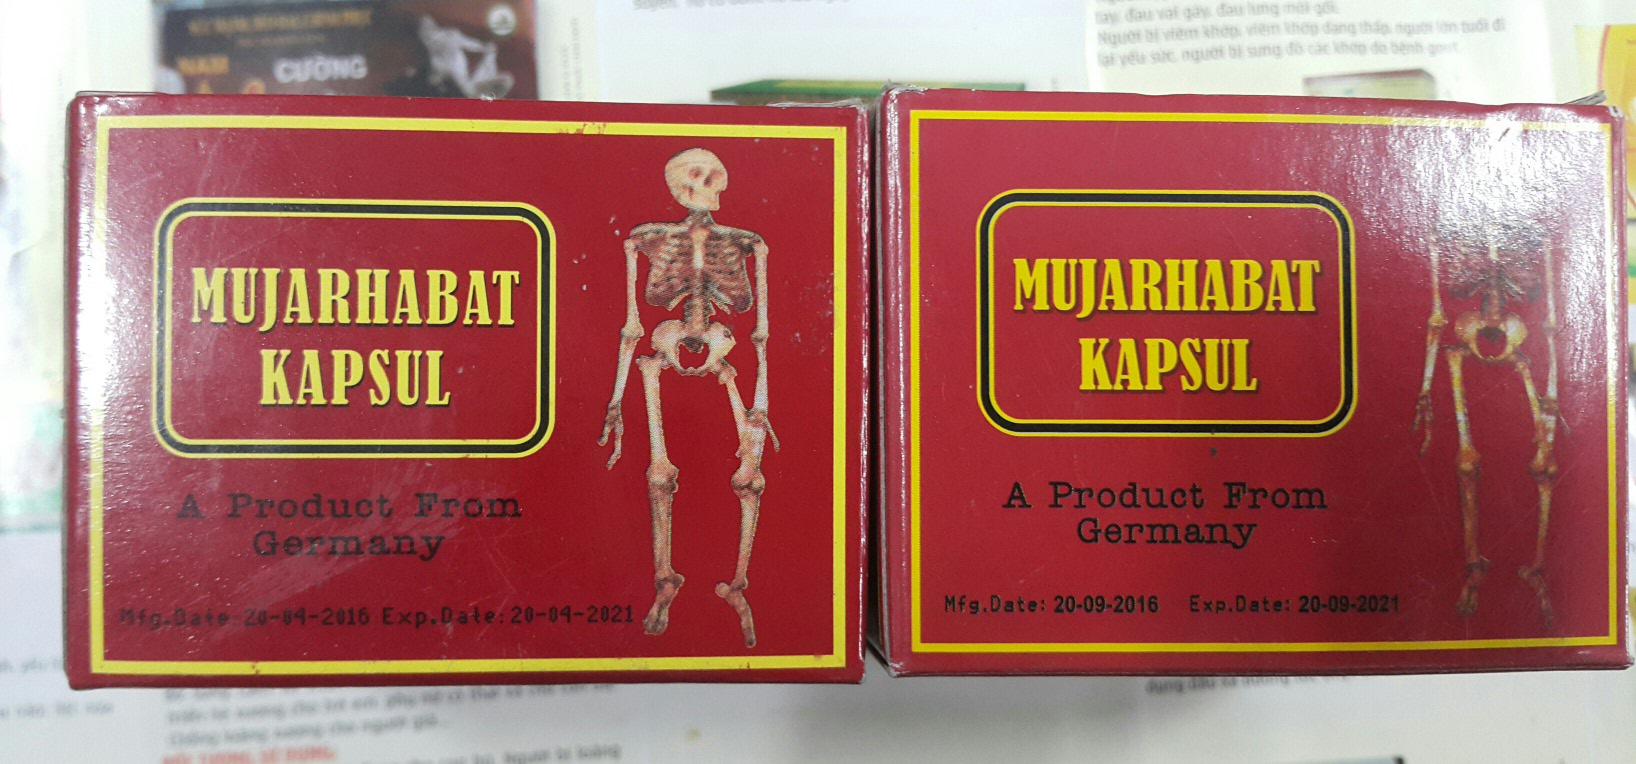 Thuốc Mujarhabat Kapsul của Malaysia